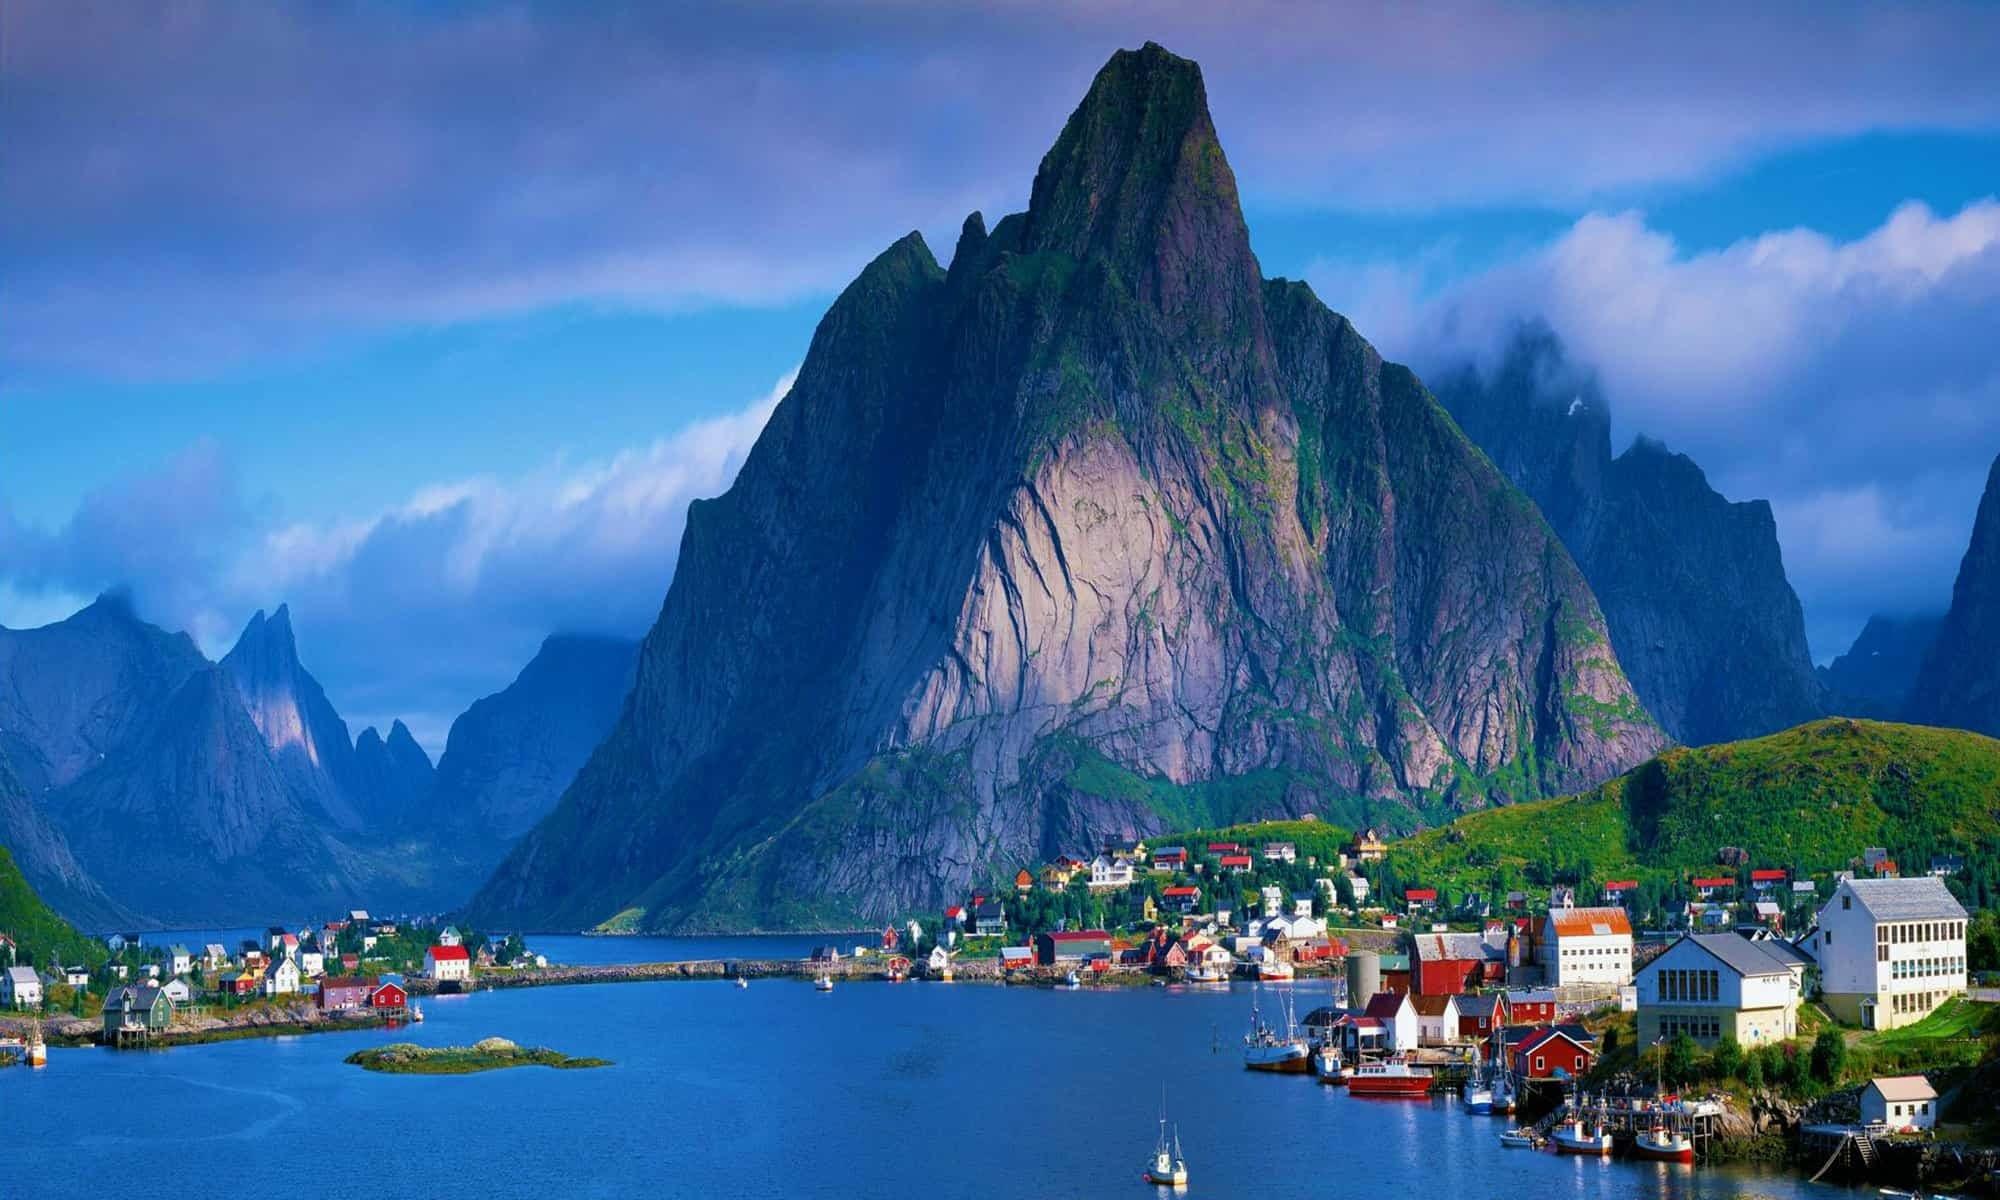 تقرير رحلتي الى النرويج و اهم معالمها السياحية